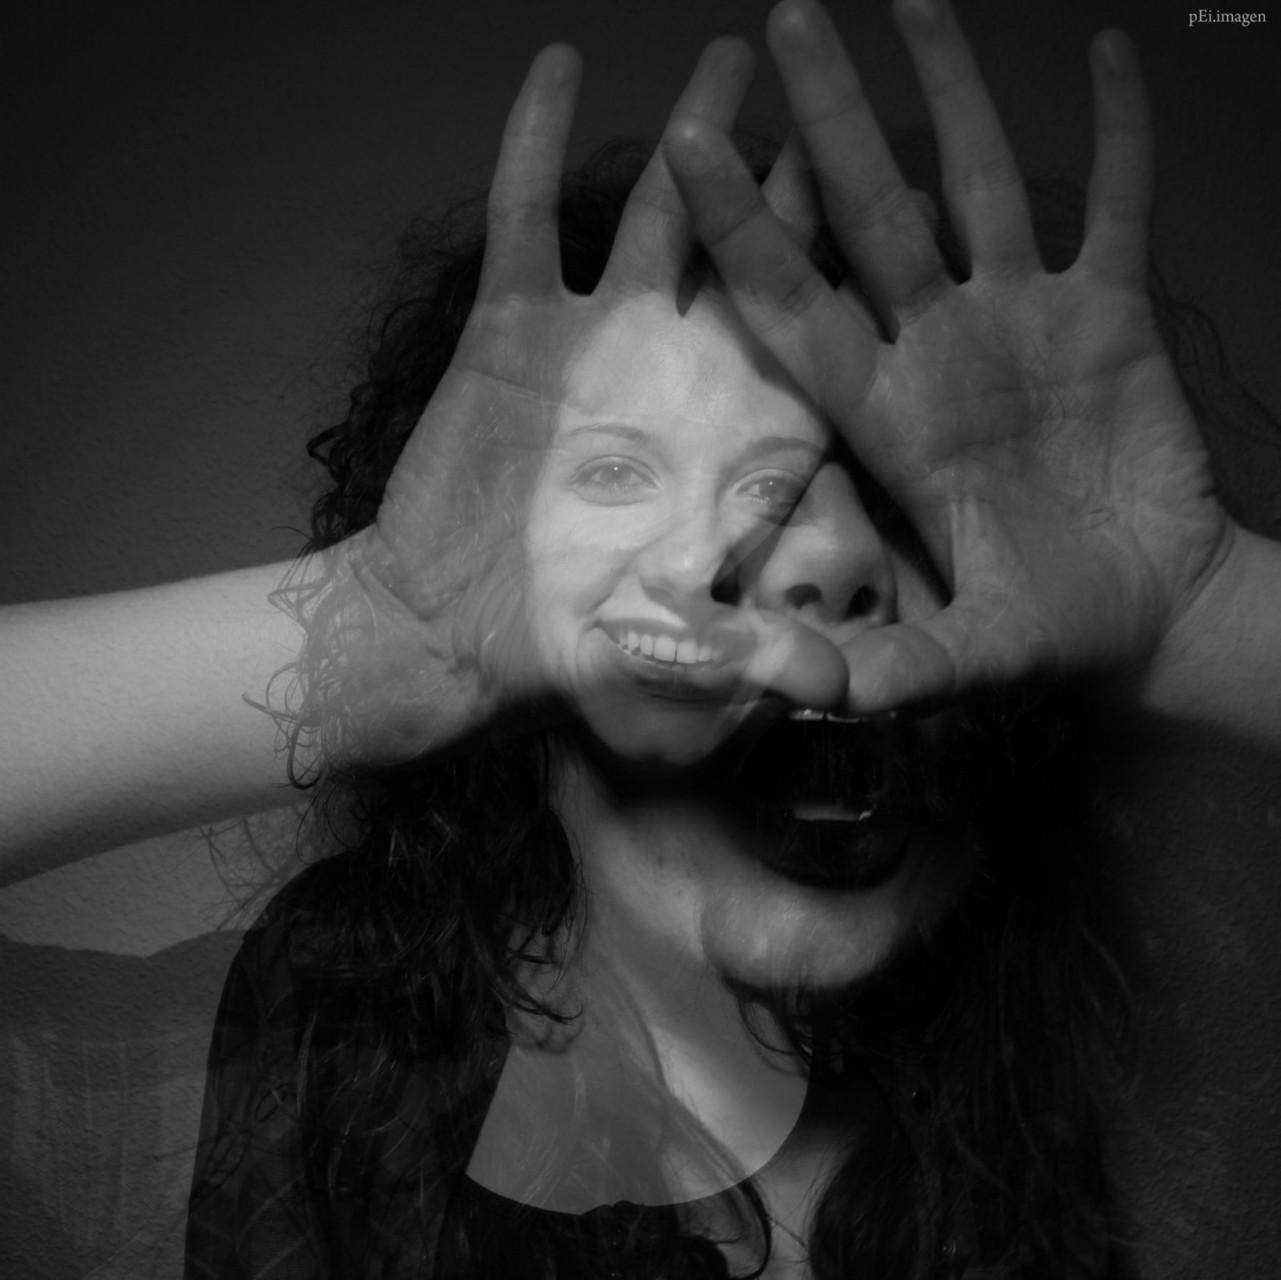 peipegata me myself I proyectos fotografia peipegatafotografia # 066 Yudith Lorenzo González